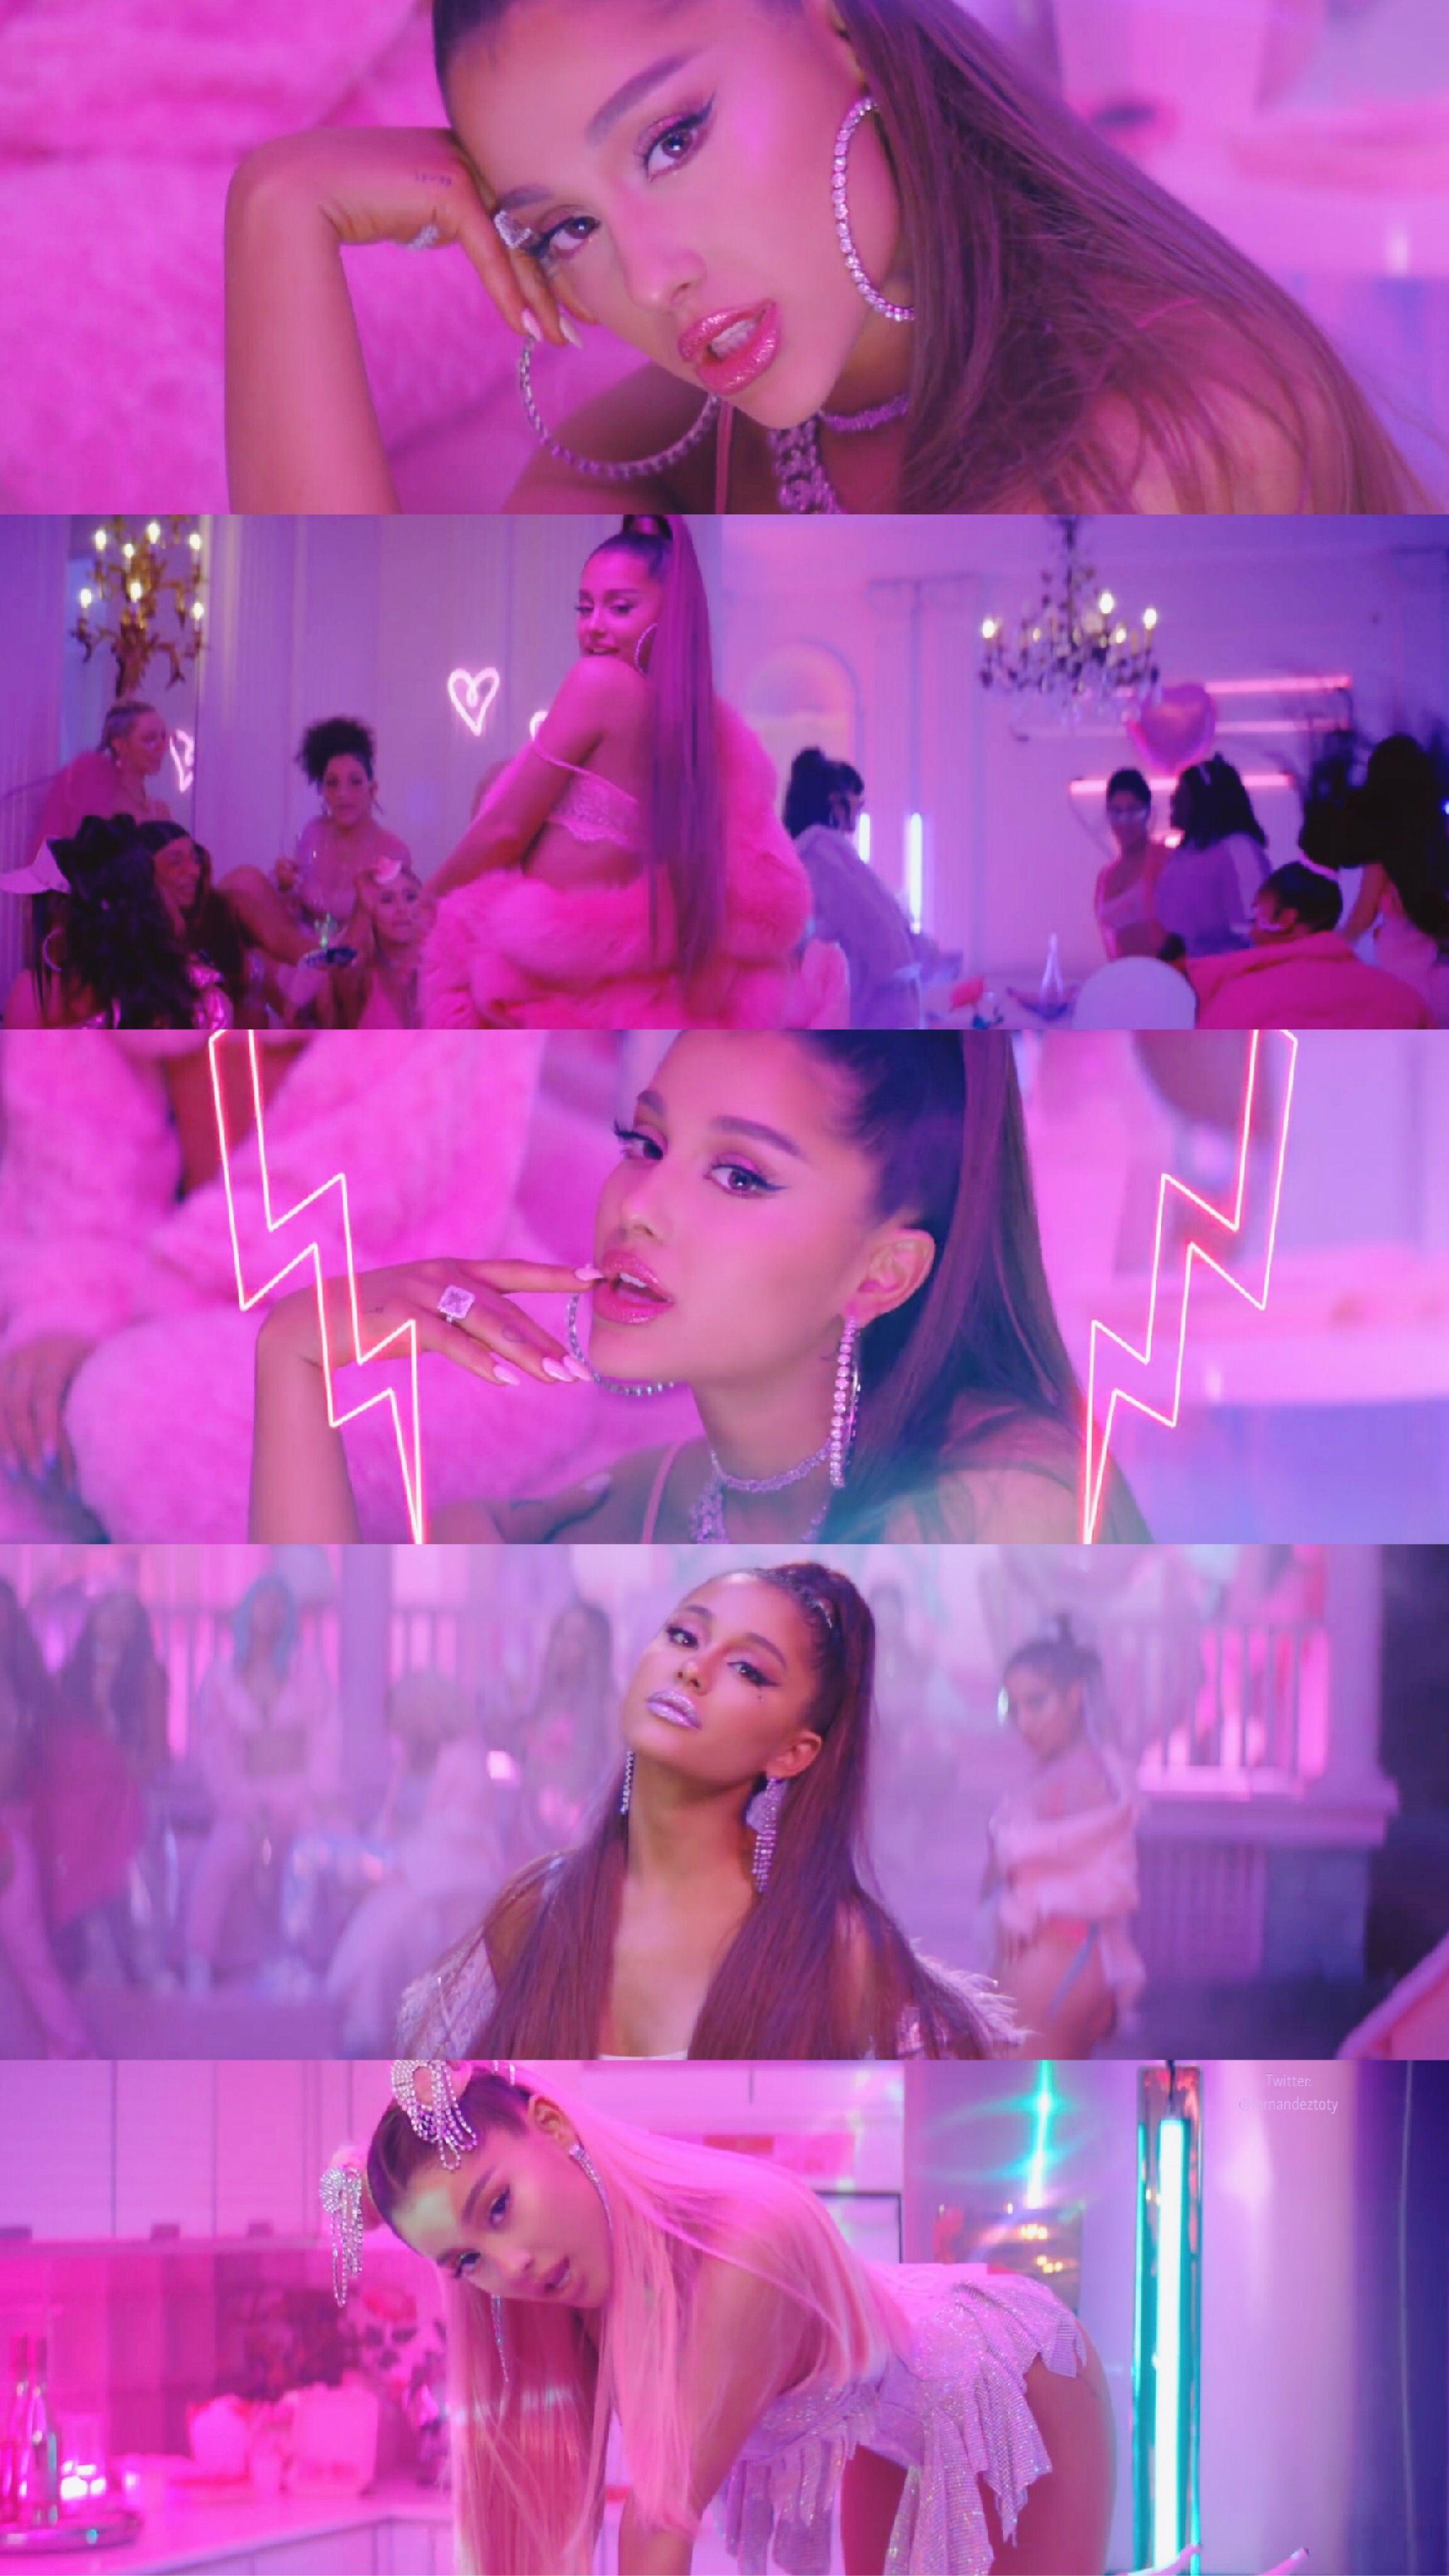 7 Rings Ariana Grande Wallpaper #arianagrande